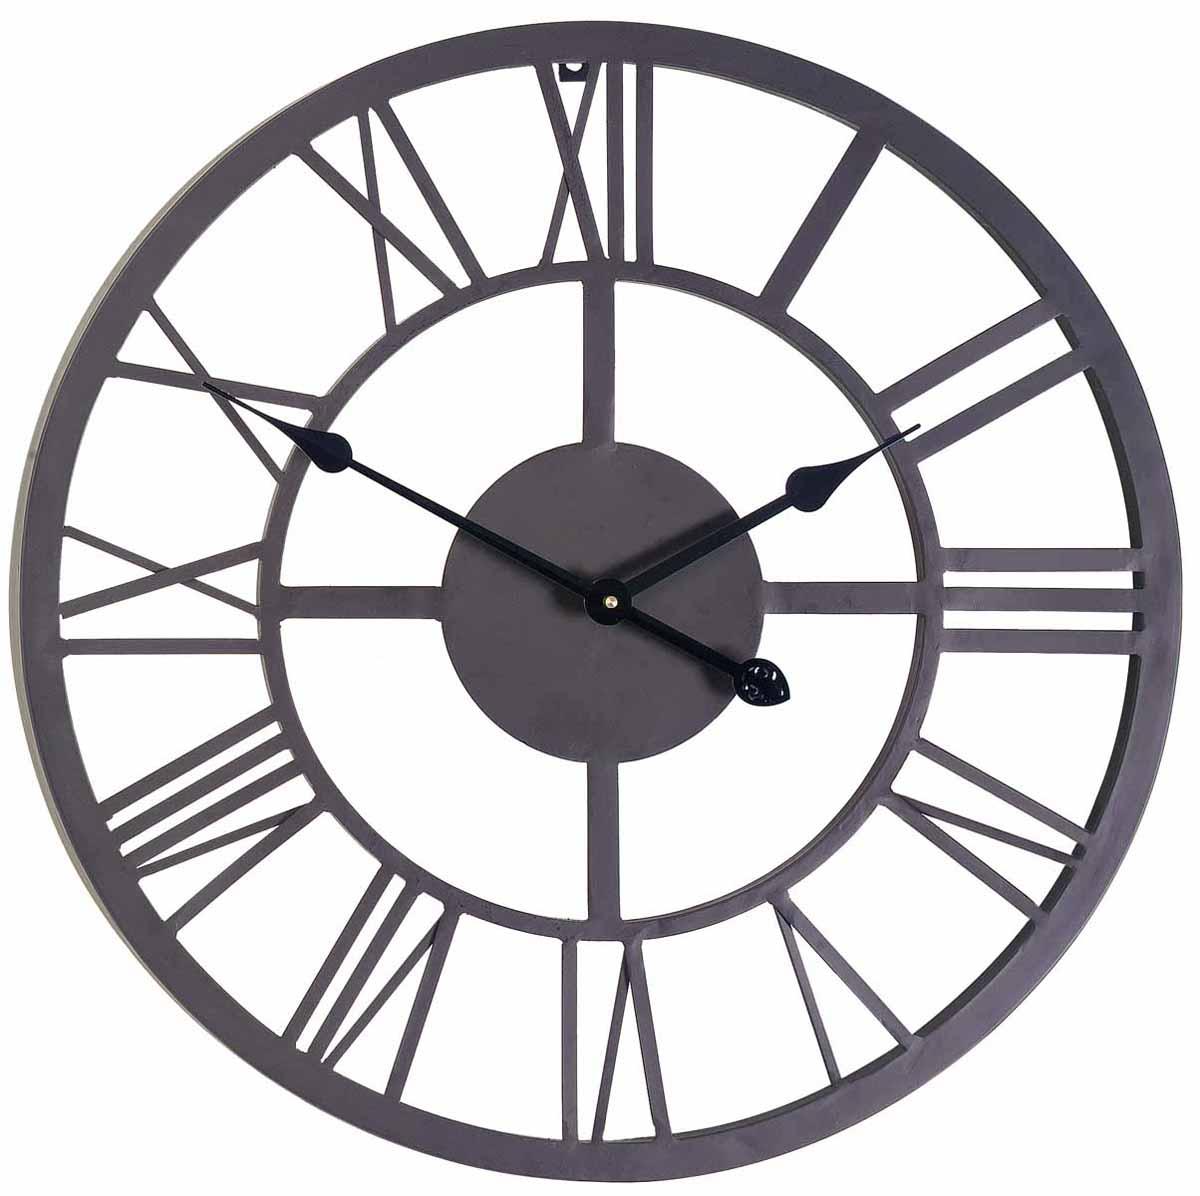 Часы настенные Gardman Римские, цвет: черный, диаметр 56 см. 1717617176Кварцевые настенные часы Gardman Римские перфорированной конструкции выполнены из металла, окрашенного в черный цвет. Такие часы отлично украсят интерьер гостиной, офиса или сада. Подходят для уличного декора. Часы оформлены римскими цифрами и имеют две стрелки - часовую и минутную. Часы Gardman Римские станут замечательным дизайнерским решением для декора сада, дачи или гостиной дома. Характеристики:Материал: металл. Цвет: черный. Диаметр часов: 56 см. Рекомендуется докупить одну батарейку типа АА (в комплект не входит). Товары для садоводства от Gardman - это вещи, сделанные с любовью, с истинноанглийской практичностью, основанной на глубоких традициях садоводстваВеликобритании.Эти товары широко известны садоводам Европы, США, Канады и Японии. Демократичныецены и продуманный ассортимент Gardman завоевал признательность и российскогопокупателя, достойного хороших, качественных вещей.В ассортименте Gardman есть практически все, что нужно современному садоводу - отсовочка для рассады до предметов декора и ландшафтного дизайна.